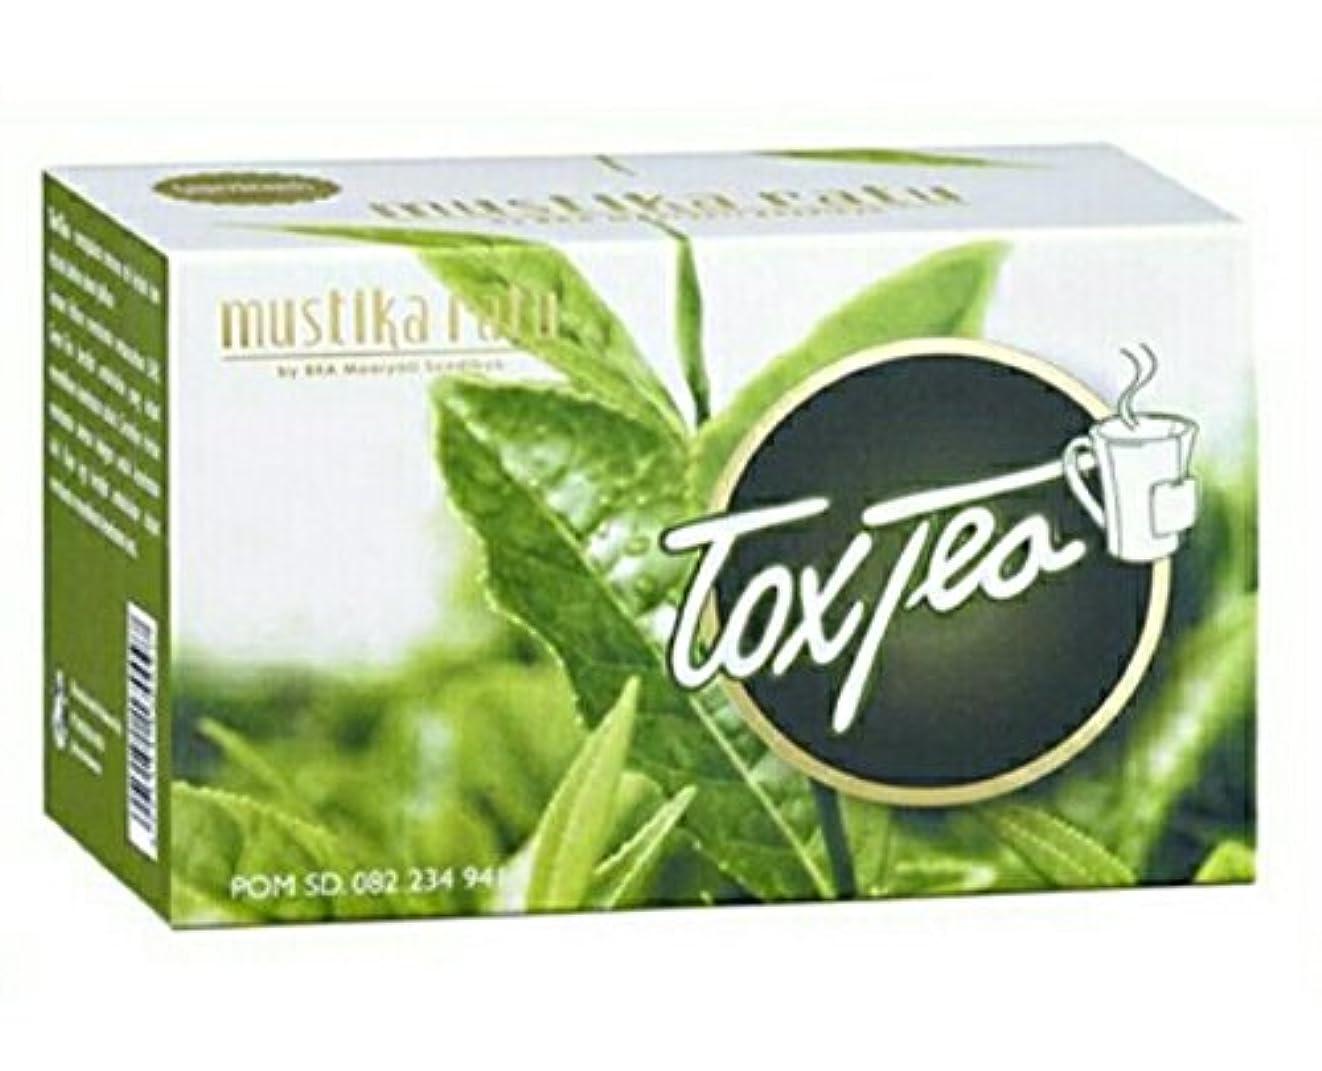 トーナメントお願いします孤独なMustika ratu Tea ムスティカラトゥトックスティー3箱x 15個のティーバッグ= 45個のティーバッグ